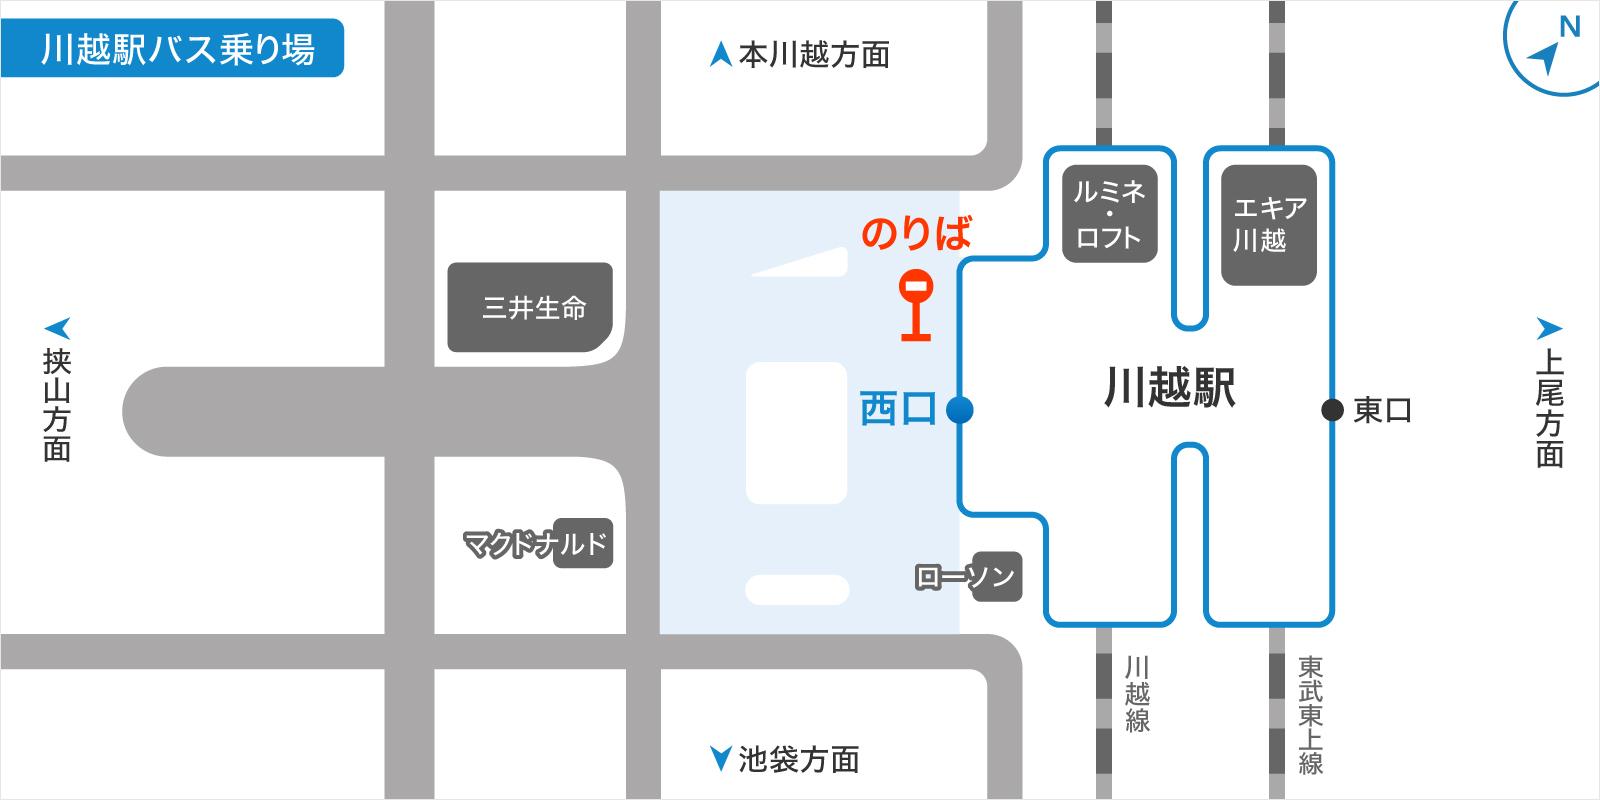 川越駅バス乗り場の画像